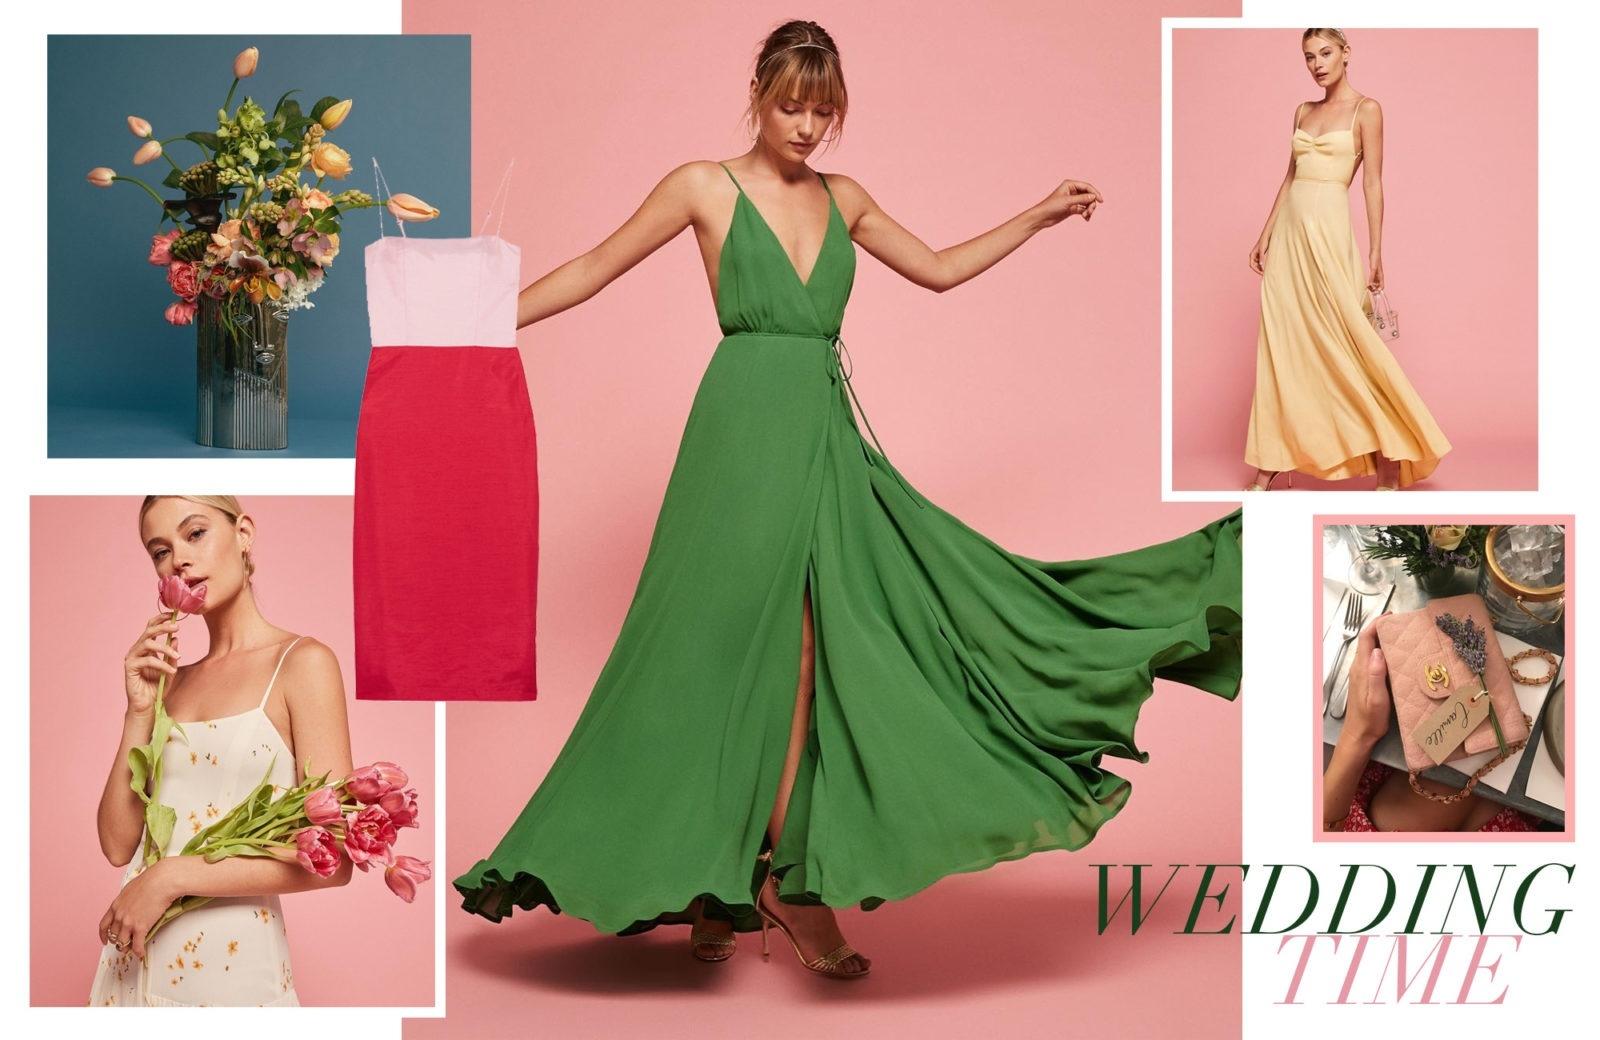 Schön Sommerkleid Hochzeitsgast Stylish13 Leicht Sommerkleid Hochzeitsgast Galerie